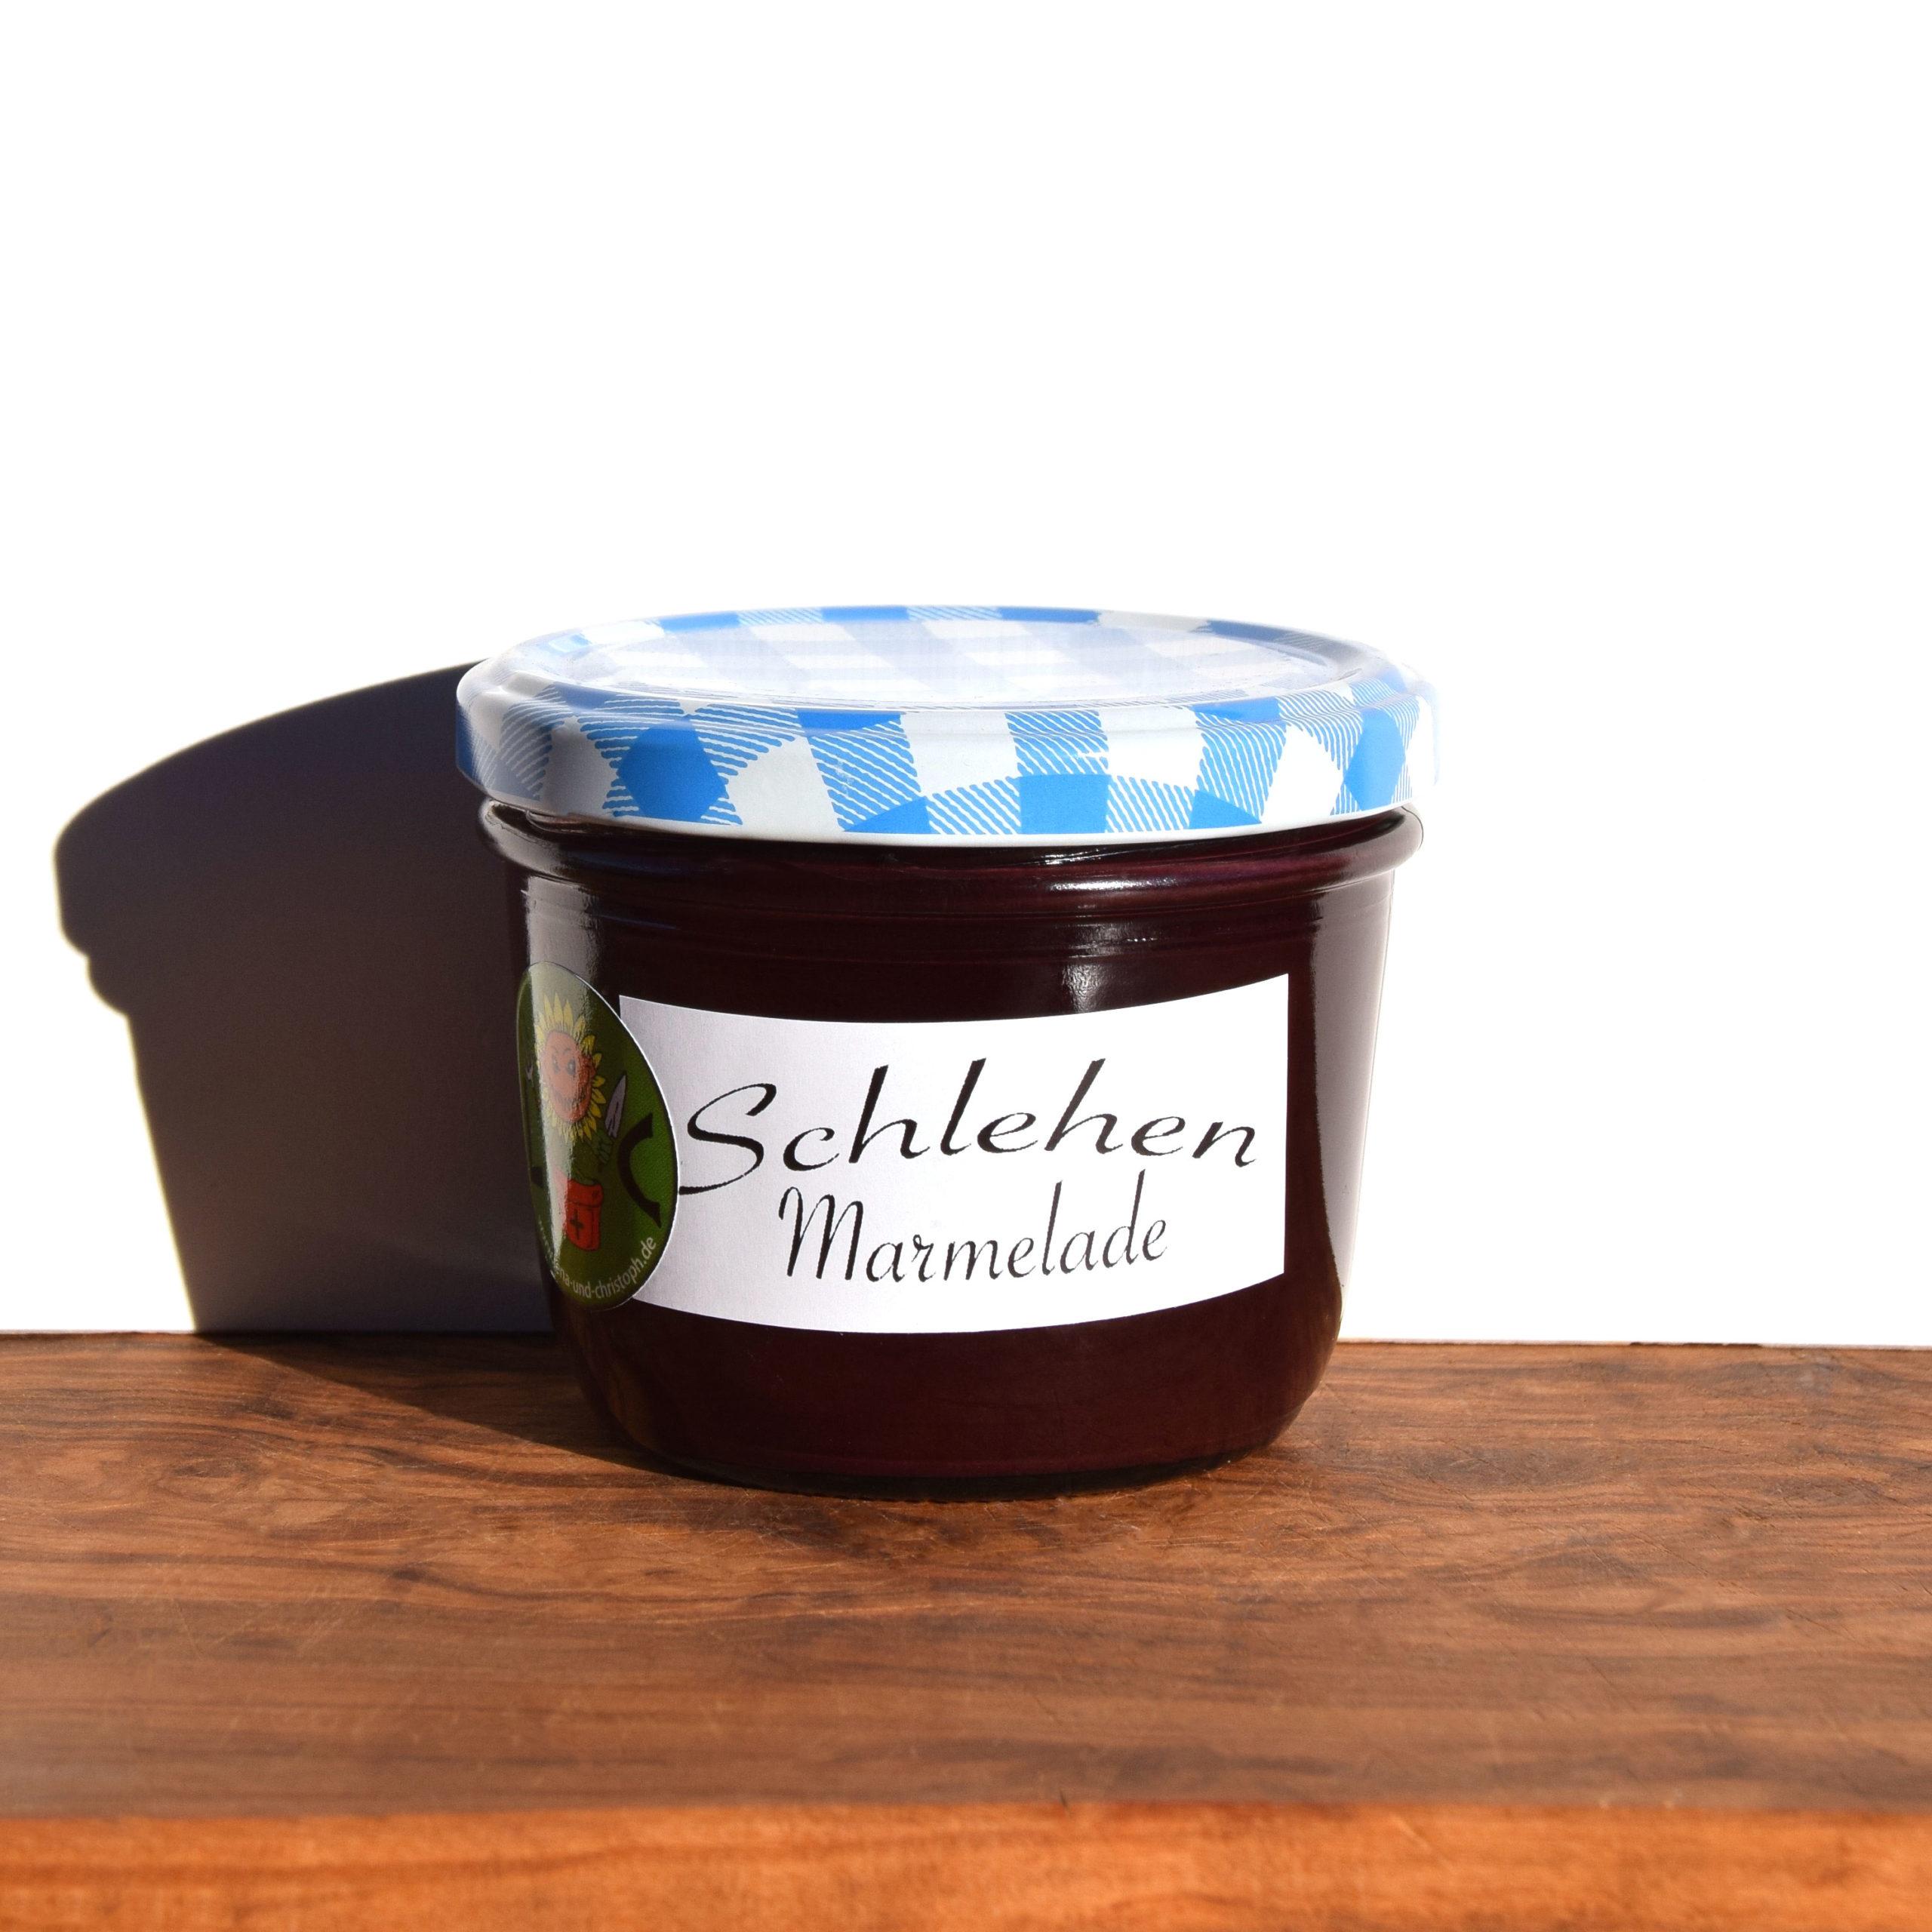 Schlehen Marmelade Image